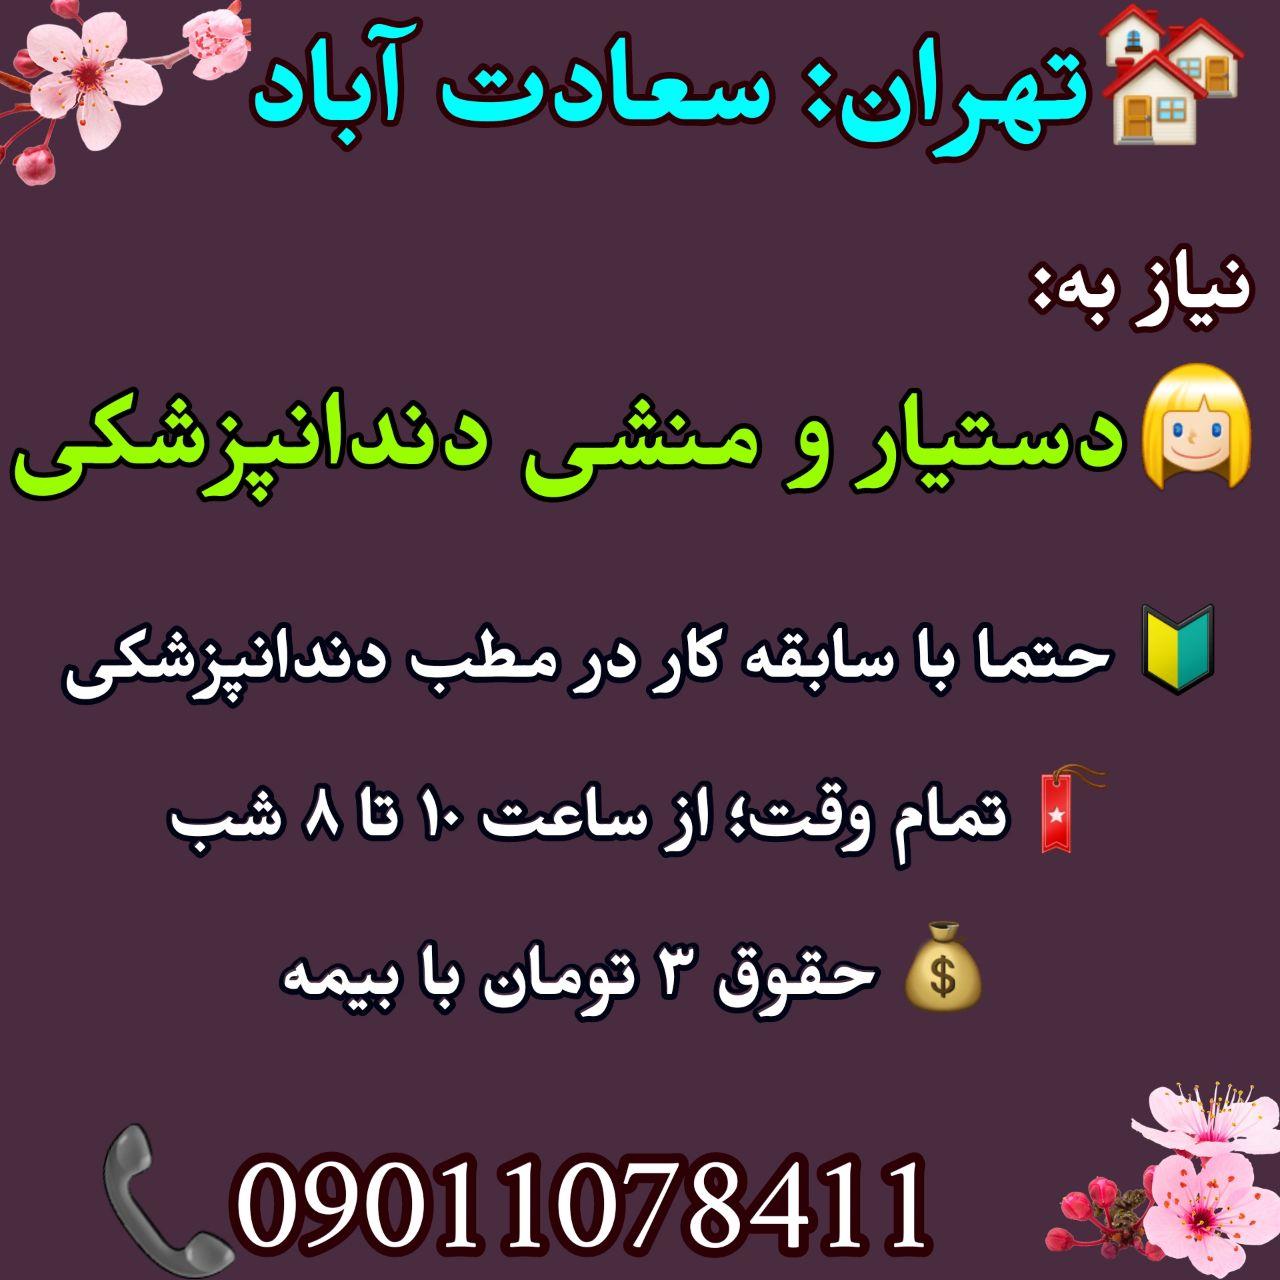 تهران: سعادت آباد، نیاز به منشی و دستیار دندانپزشکی